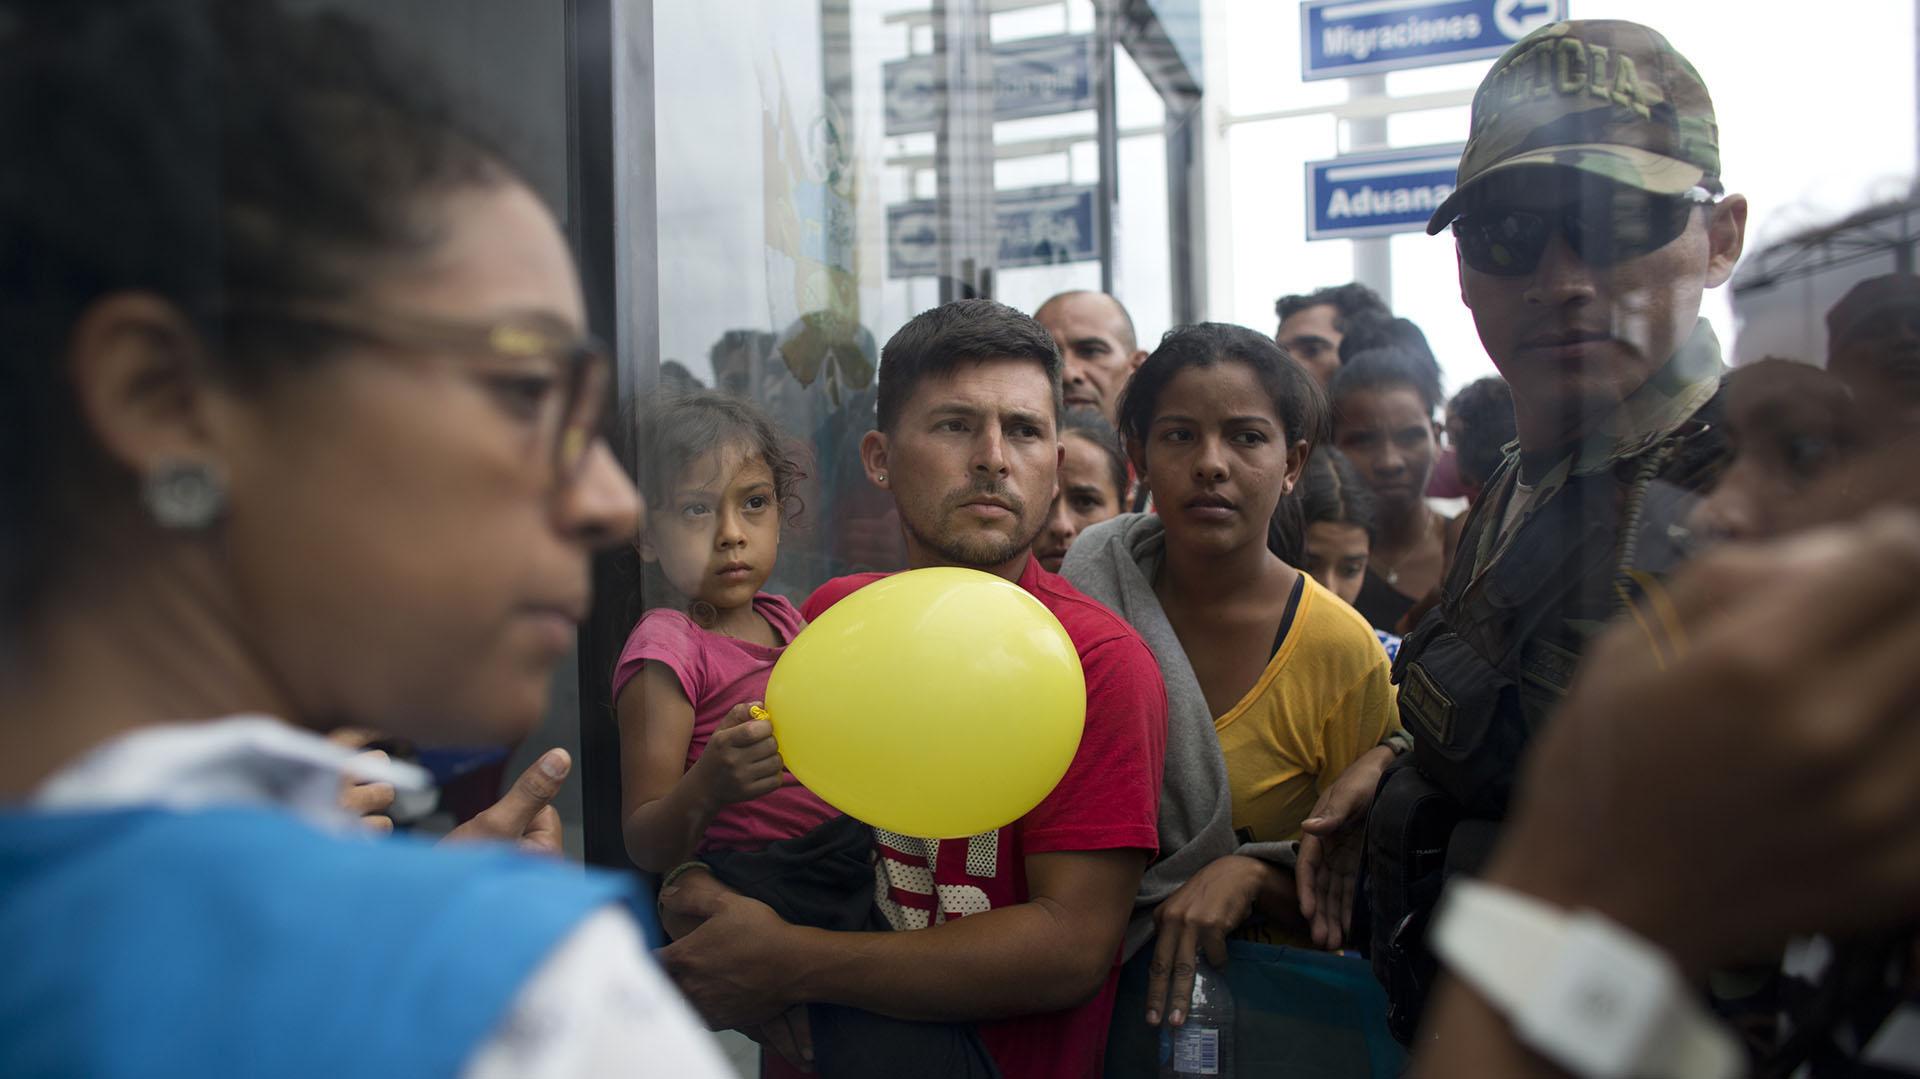 Venezolanos esperan para ser atendidos por oficiales peruanos de migración en la frontera (AP Photo/Ariana Cubillos)